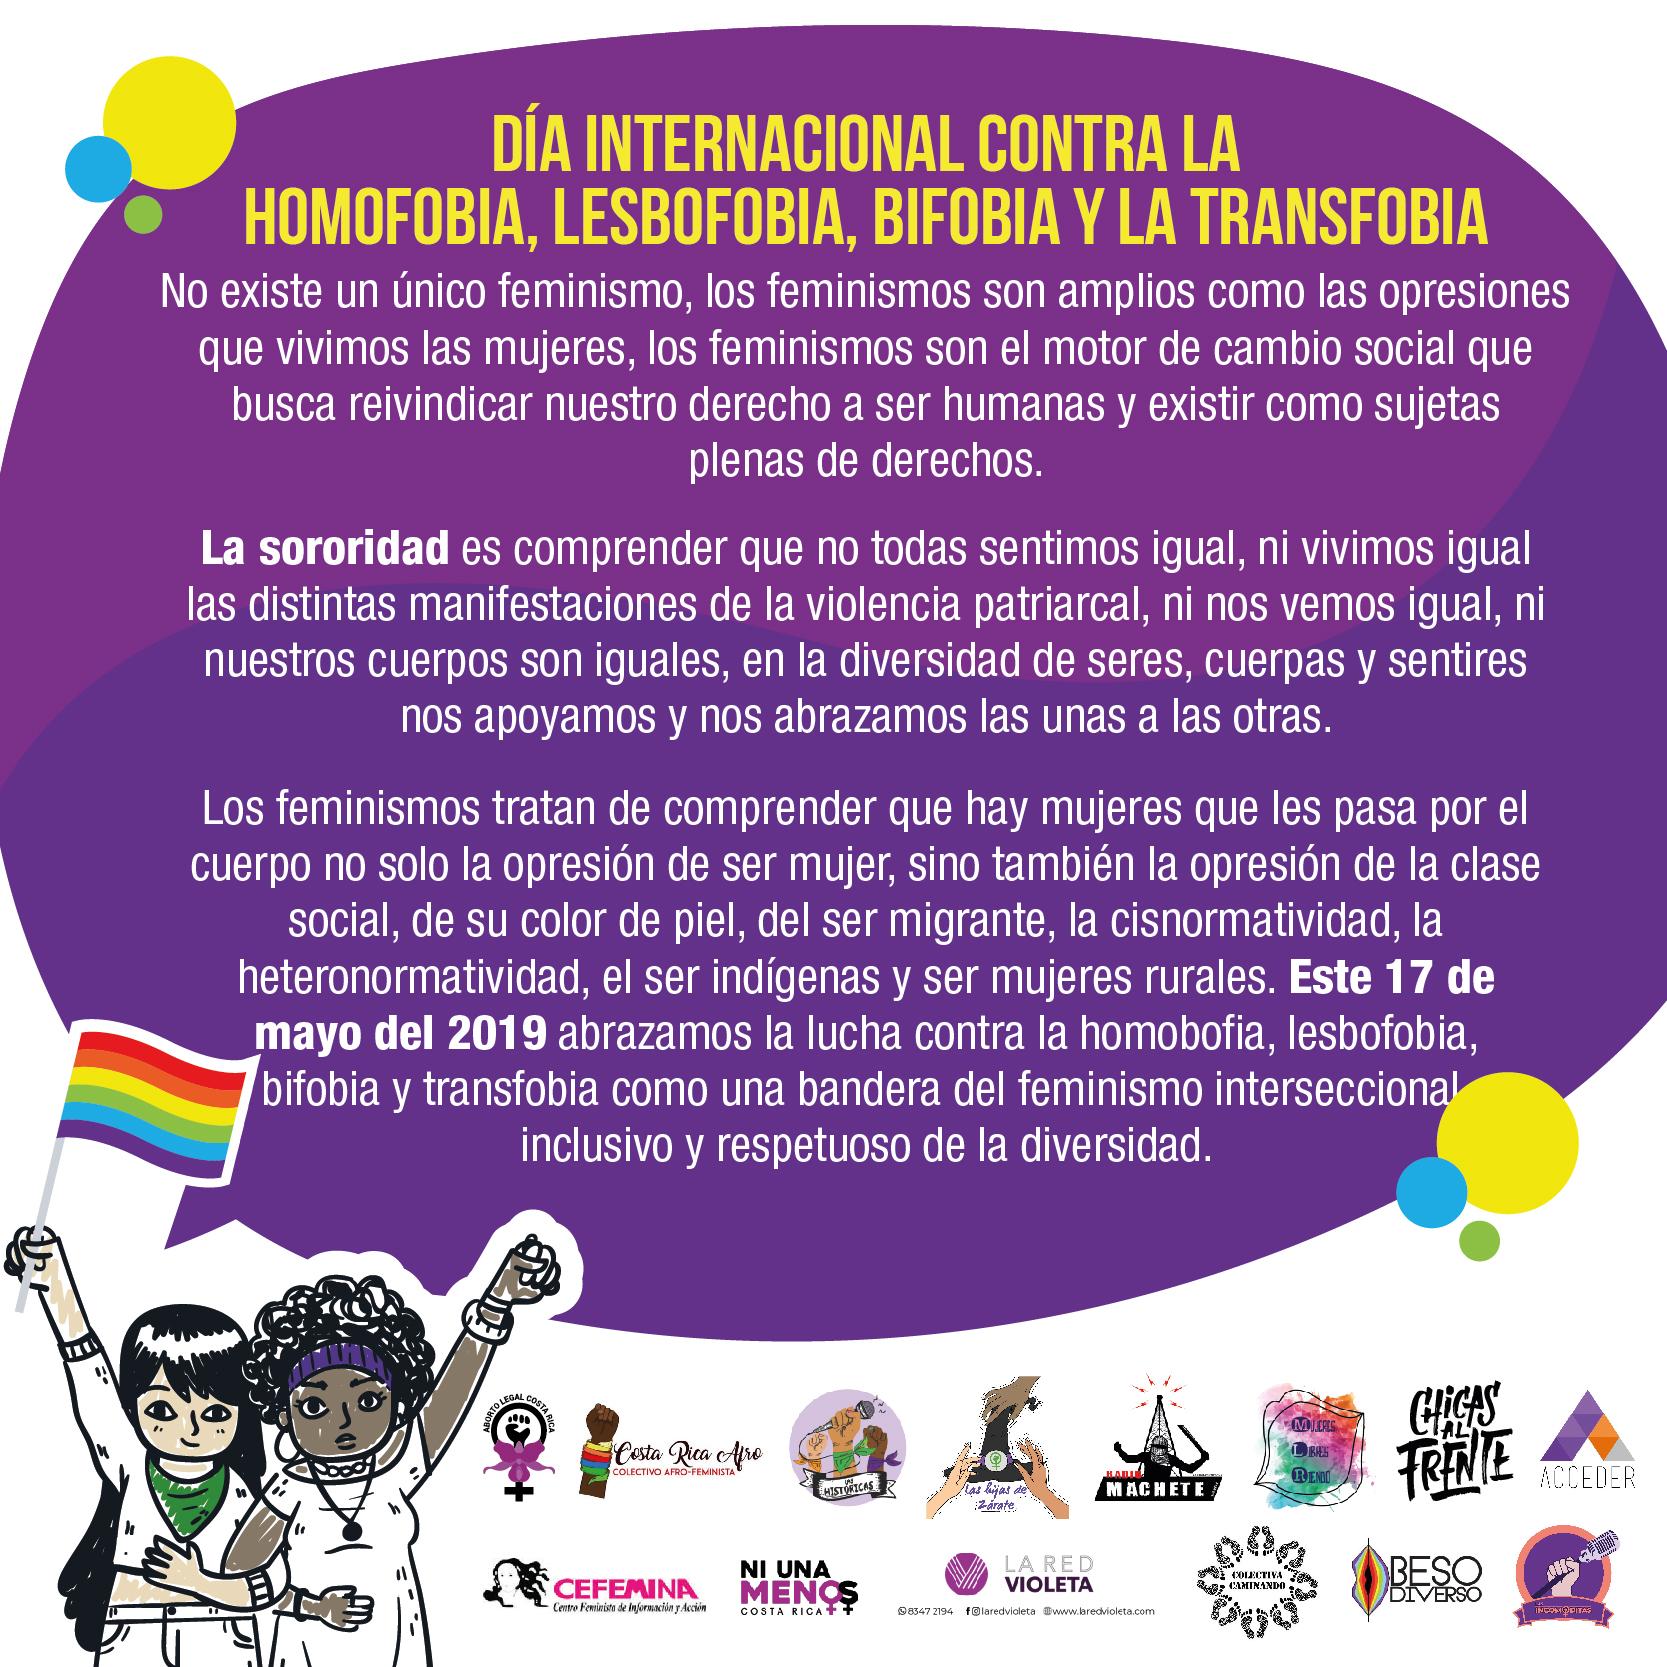 Día Internacional contra la Homobofia, Lesbofobia, Bifobia y Transfobia. No existe un único feminismo, los feminismos son amplios como las opresiones que vivimos las mujeres, los feminismos son el motor de cambio social que busca reivindicar nuestro derecho a ser humanas y existir como sujetas plenas de derechos.  La sororidad es comprender que no todas sentimos igual, ni vivimos igual las distintas manifestaciones de la violencia patriarcal, ni nos vemos igual, ni nuestros cuerpos son iguales, en la diversidad de seres, cuerpas y sentires nos apoyamos y nos abrazamos las unas a las otras.  Los feminismos tratan de comprender que hay mujeres que les pasa por el cuerpo no solo la opresión de ser mujer, sino también la opresión de la clase social, de su color de piel, del ser migrante, la cisnormatividad, la heteronormatividad, el ser indígenas y ser mujeres rurales. Este 17 de mayo del 2019 abrazamos la lucha contra la homofobia, lesbofobia, bifobia y transfobia como una bandera del feminismo interseccional, inclusivo y respetuoso de la diversidad.